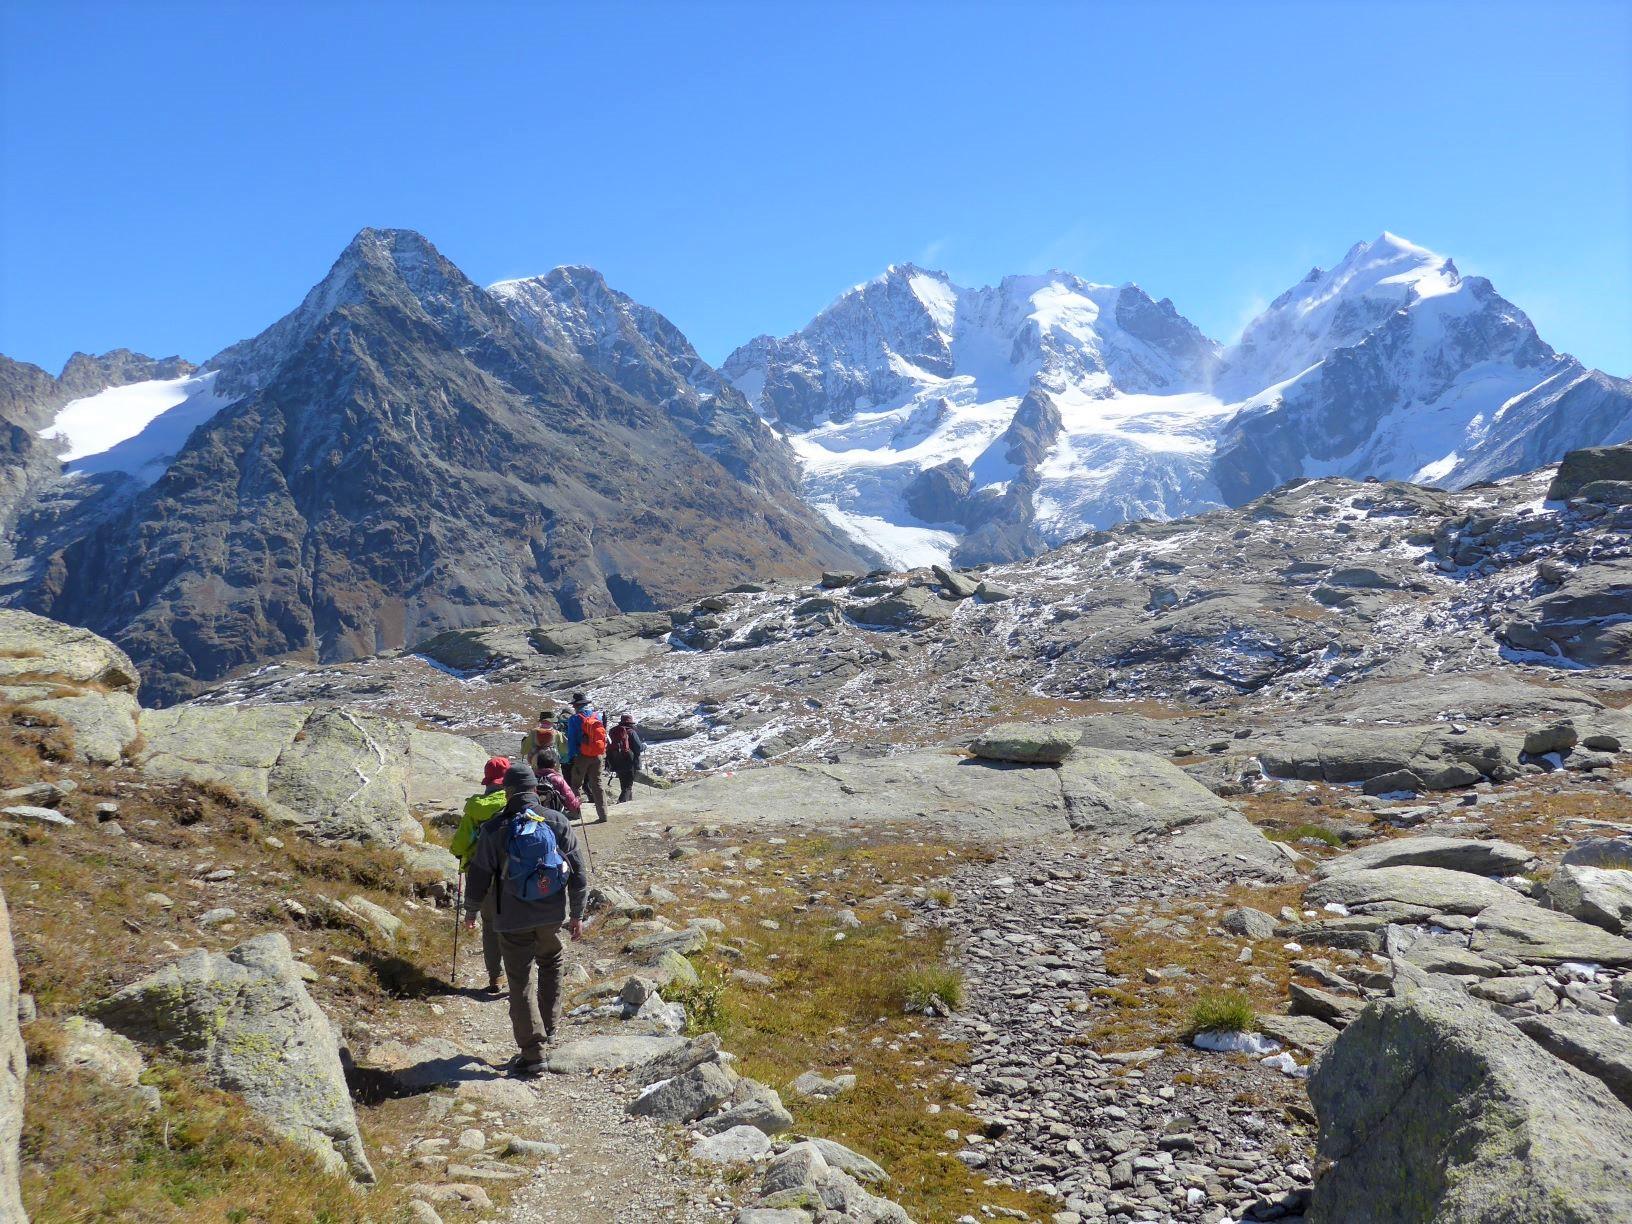 ベルニナ山群を望むロゼック谷ハイキング(4日目)